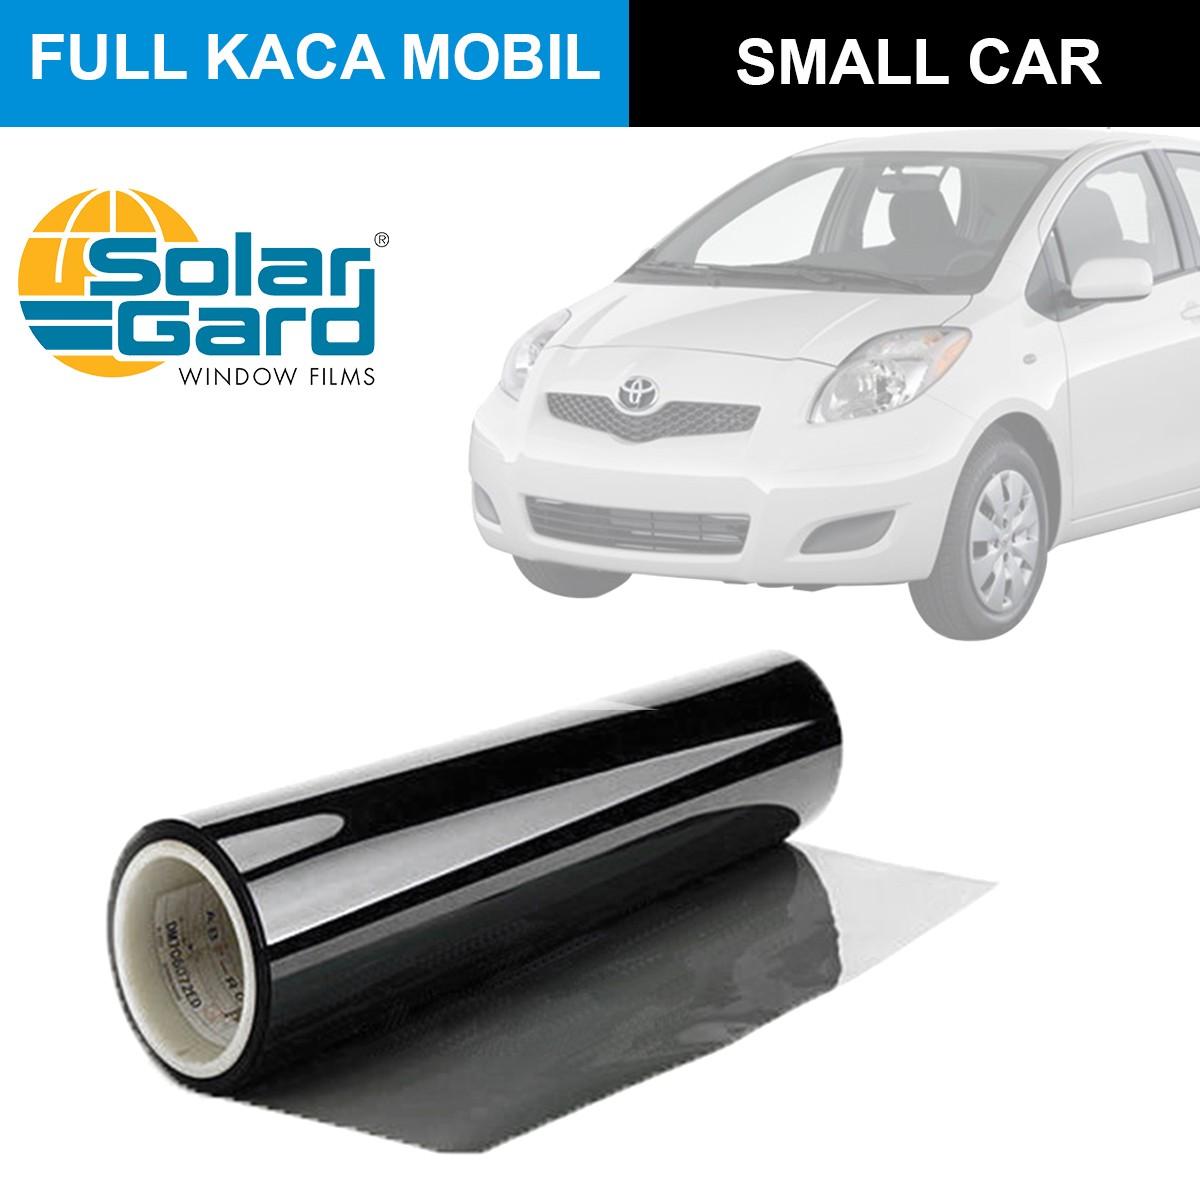 KACA FILM SOLAR GARD MOST FAMOUS - (SMALL CAR) FULL KACA